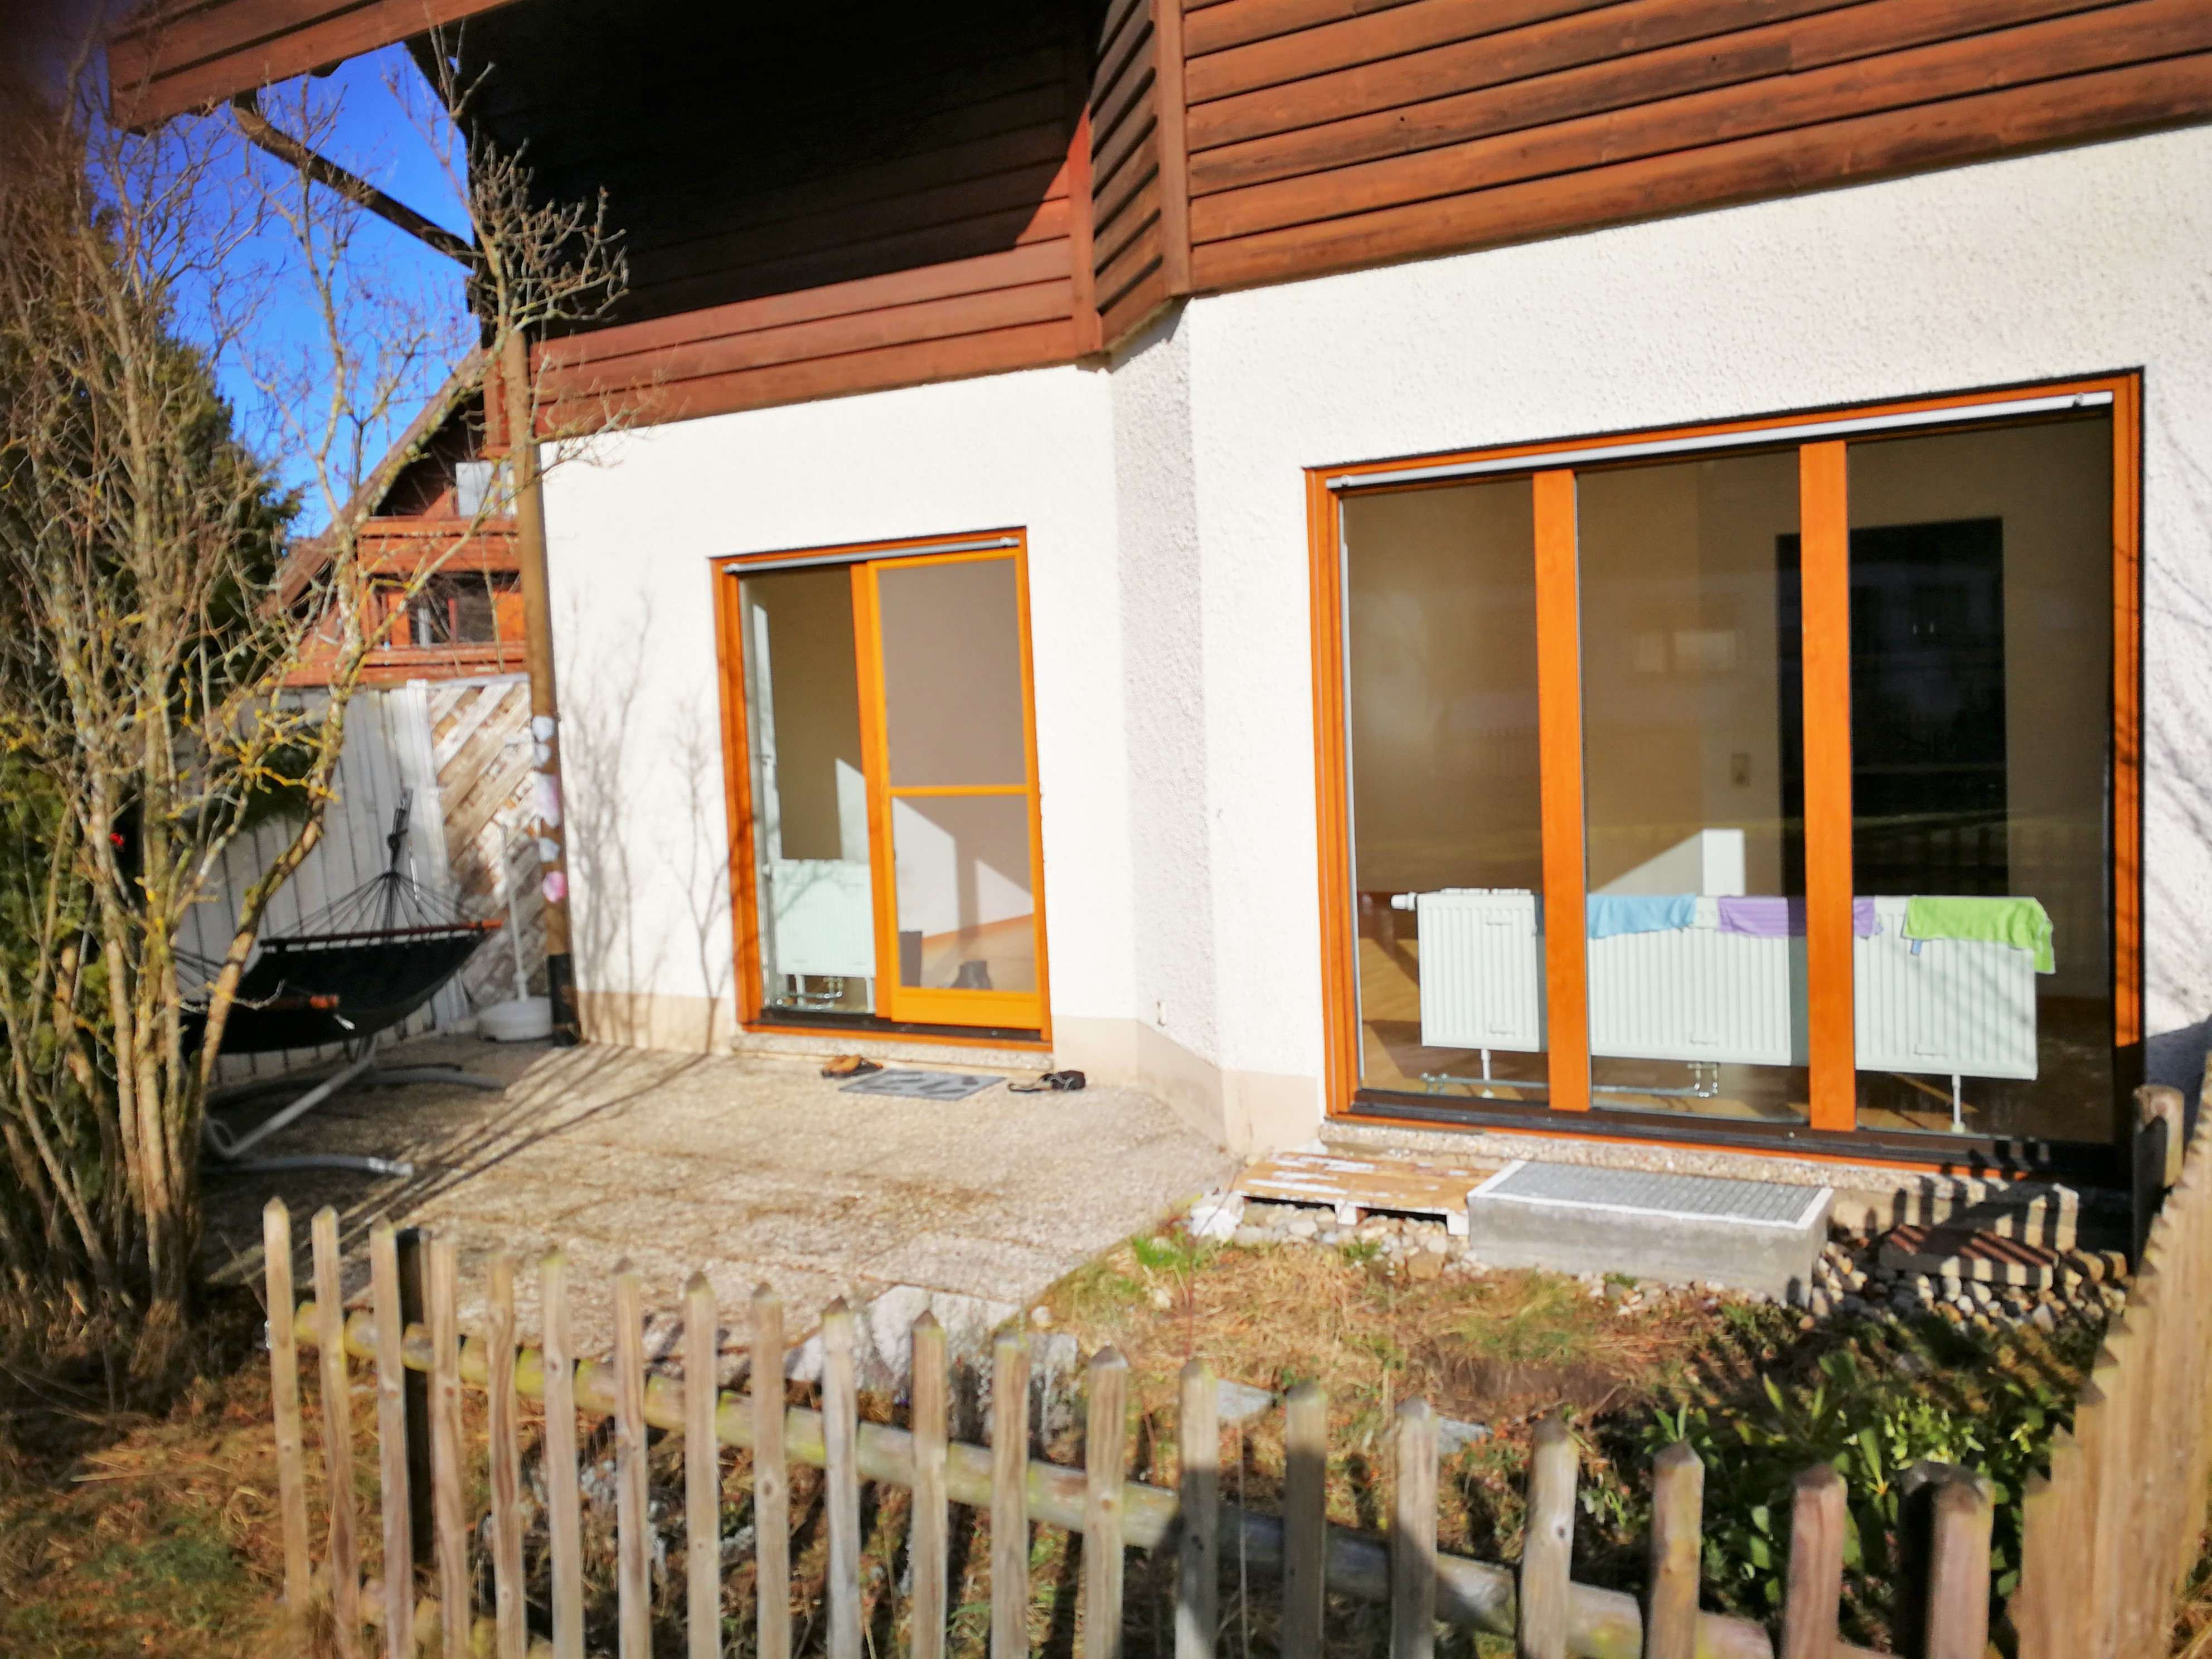 Stilvolle, vollständig renovierte 2-Zimmer-EG-Wohnung mit Einbauküche in Kempten (Allgäu) in